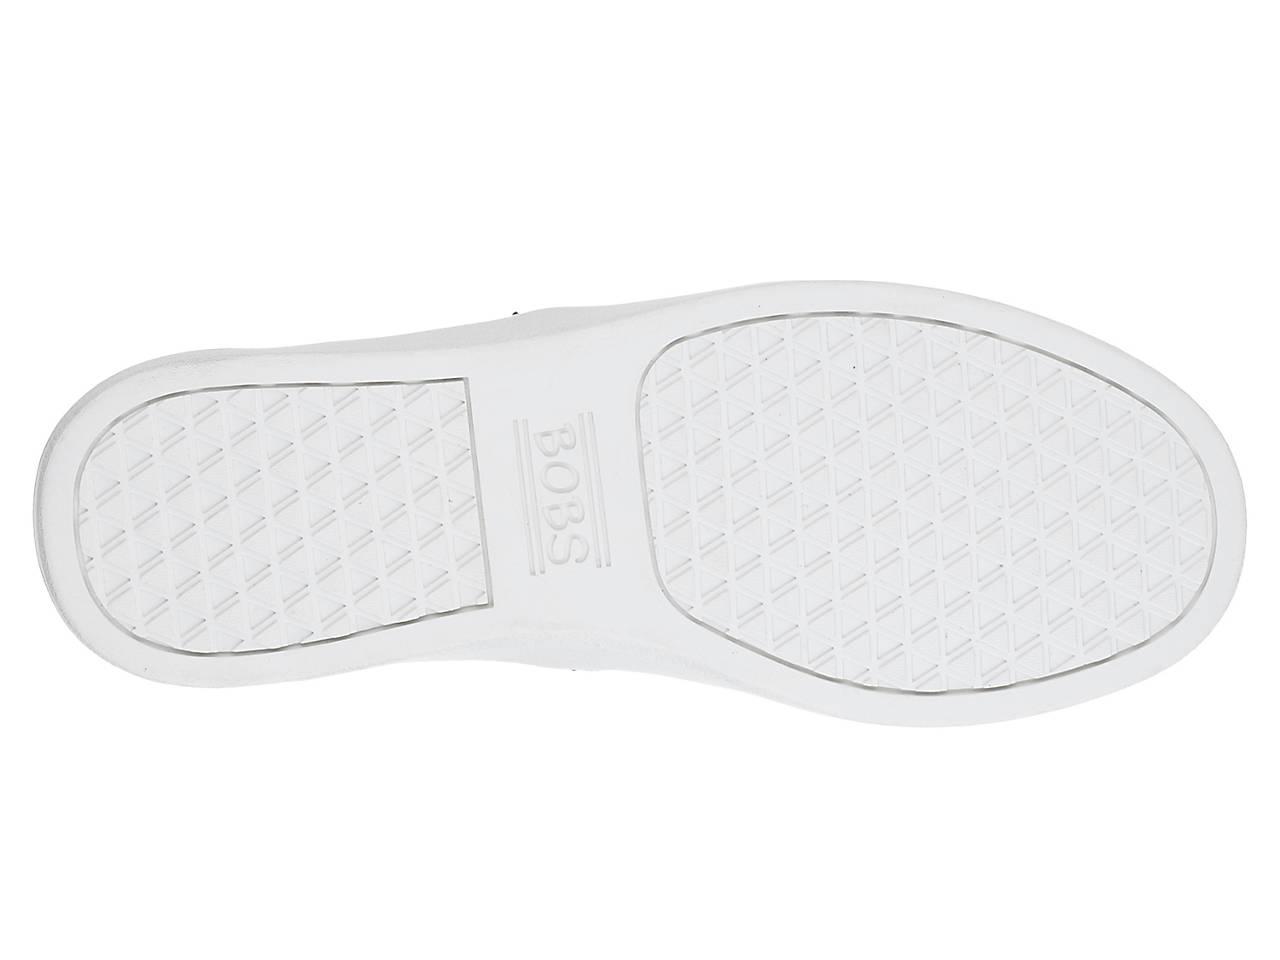 640c6a44223f2 Skechers BOBS B-Loved Slip-On Sneaker Women's Shoes | DSW